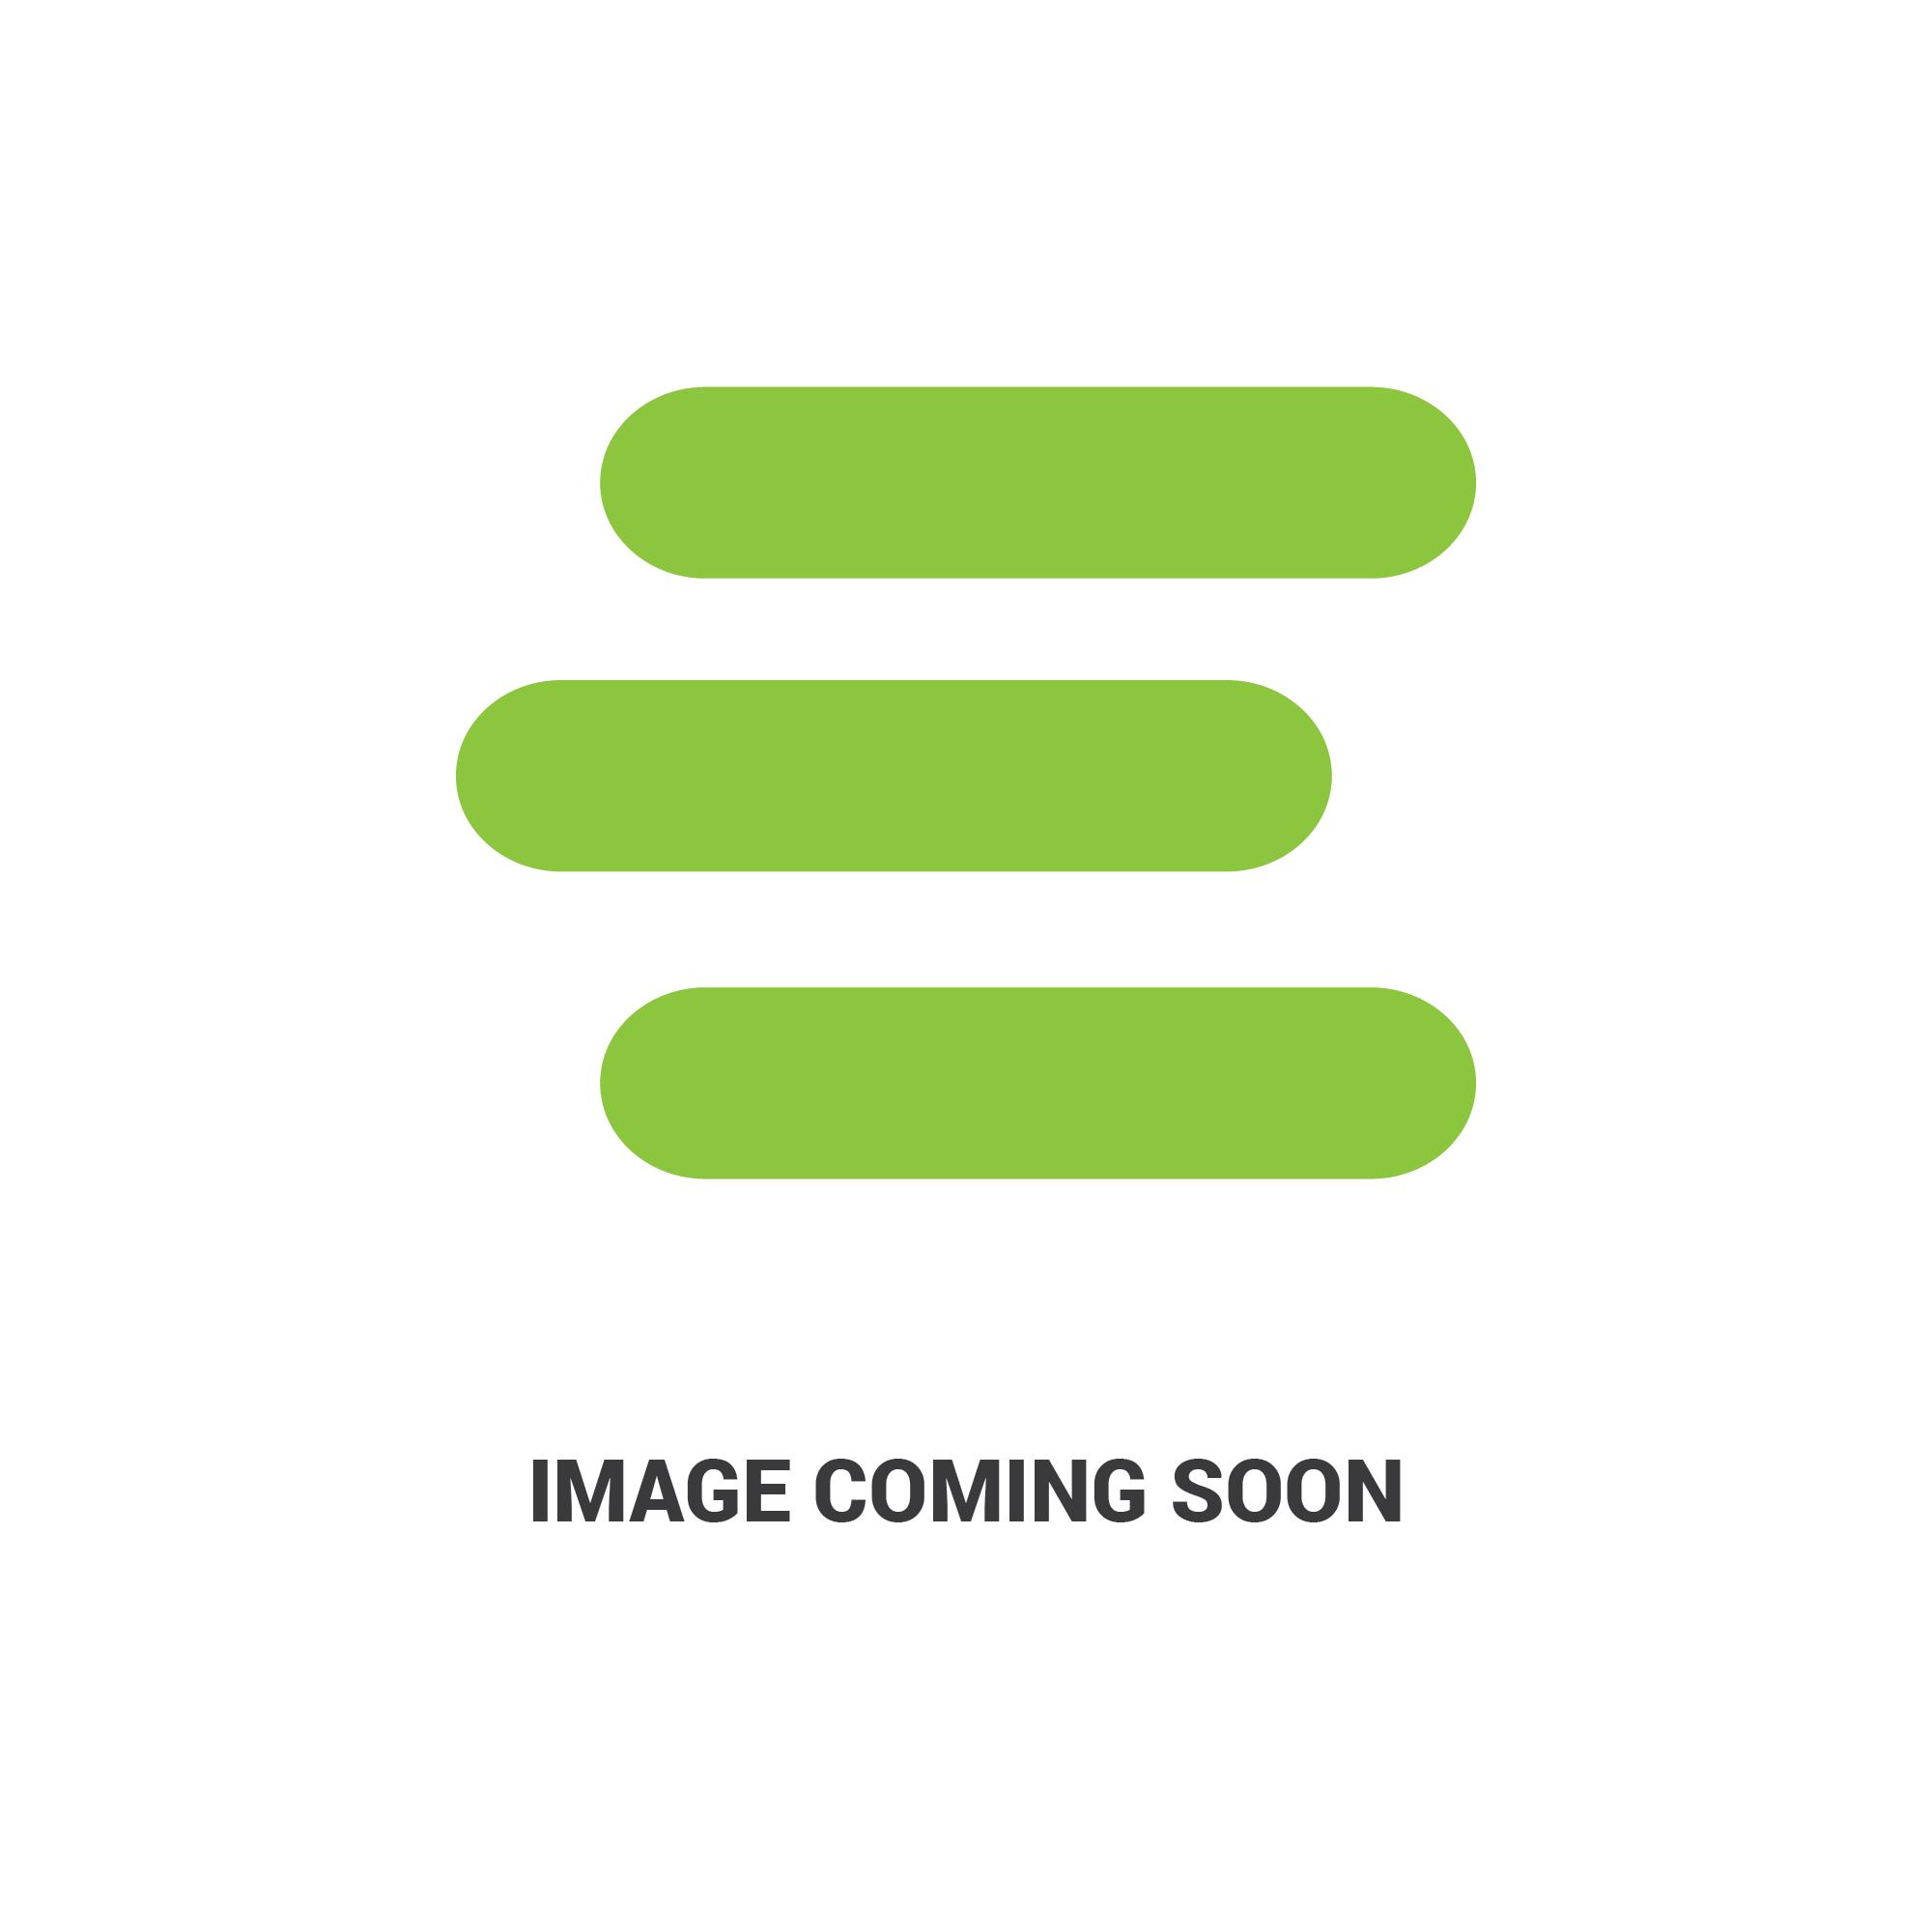 E-K7571-560202004_1.jpg